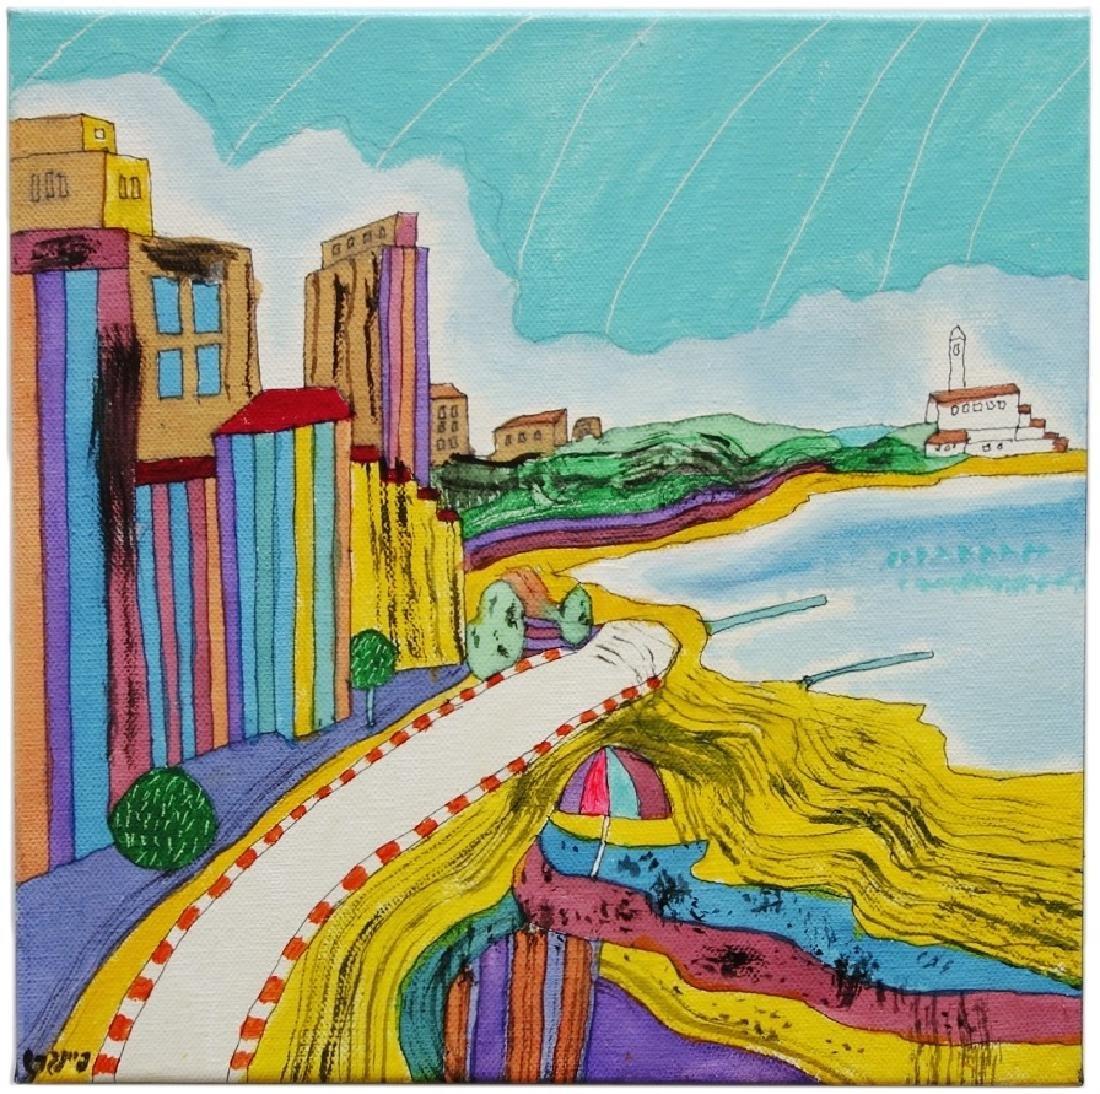 Oded Feingersh (Israeli, born 1938) - 3